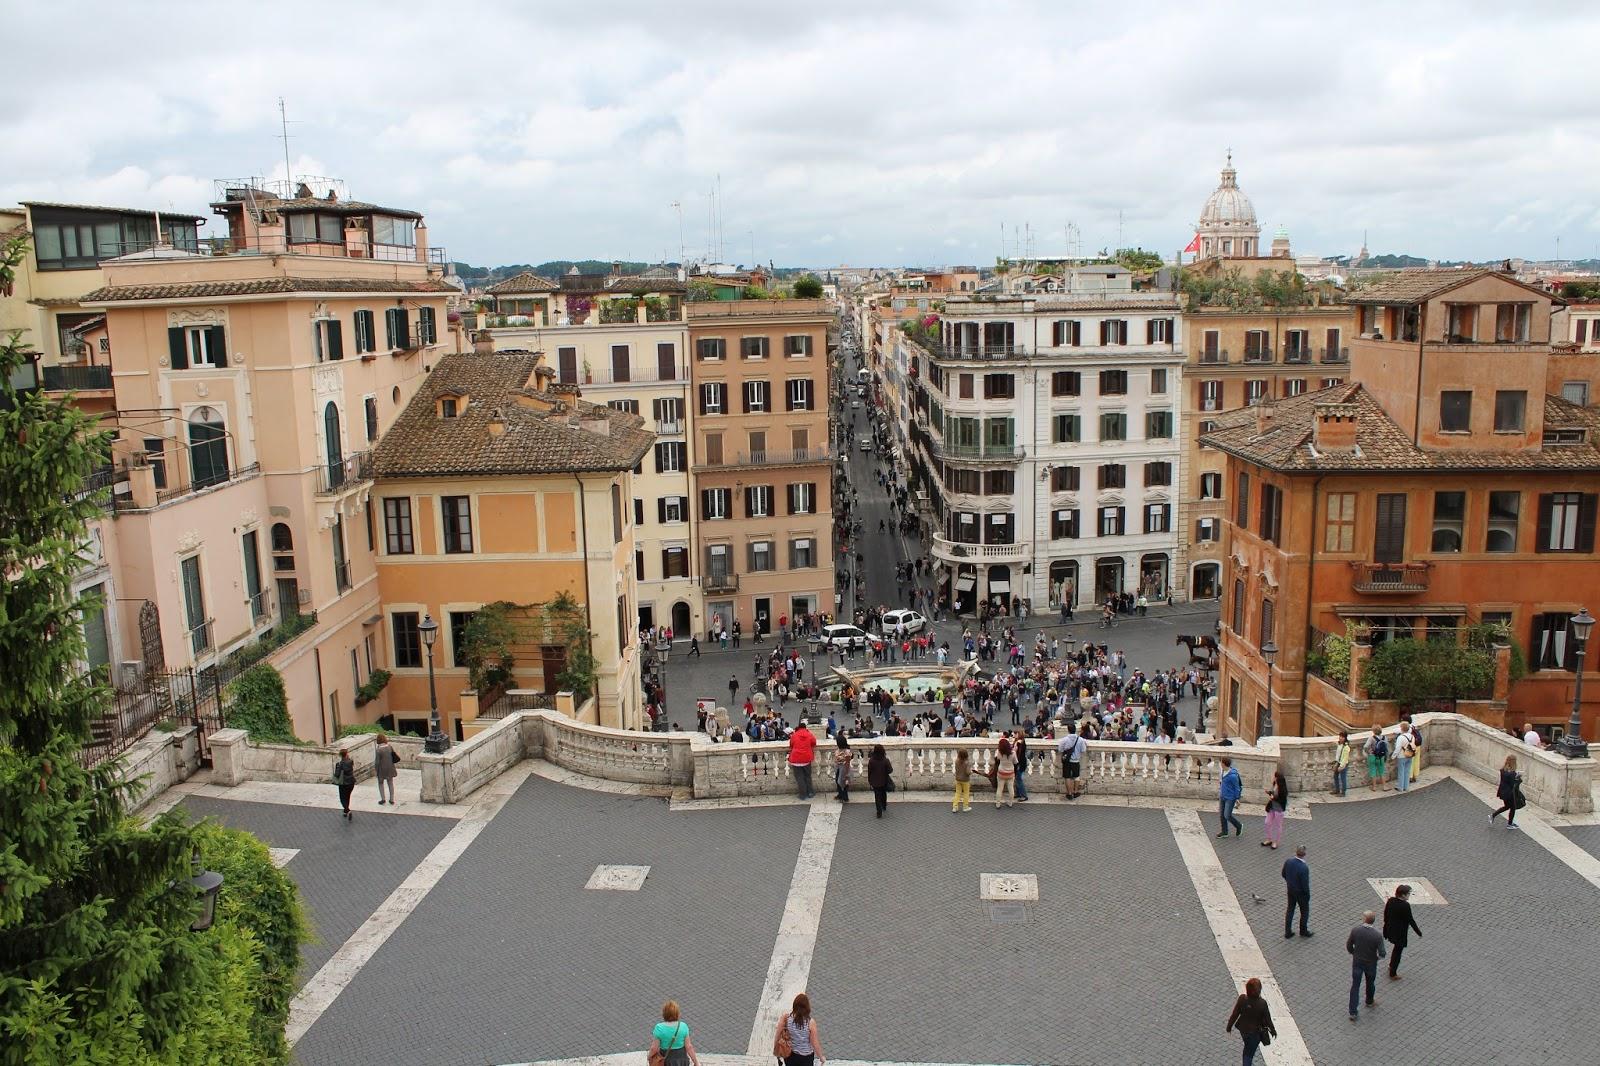 Nadias Und Christians Italien Reise Blog Villa Borghese Spanische Treppe Trevi Brunnen Und Faulenzen